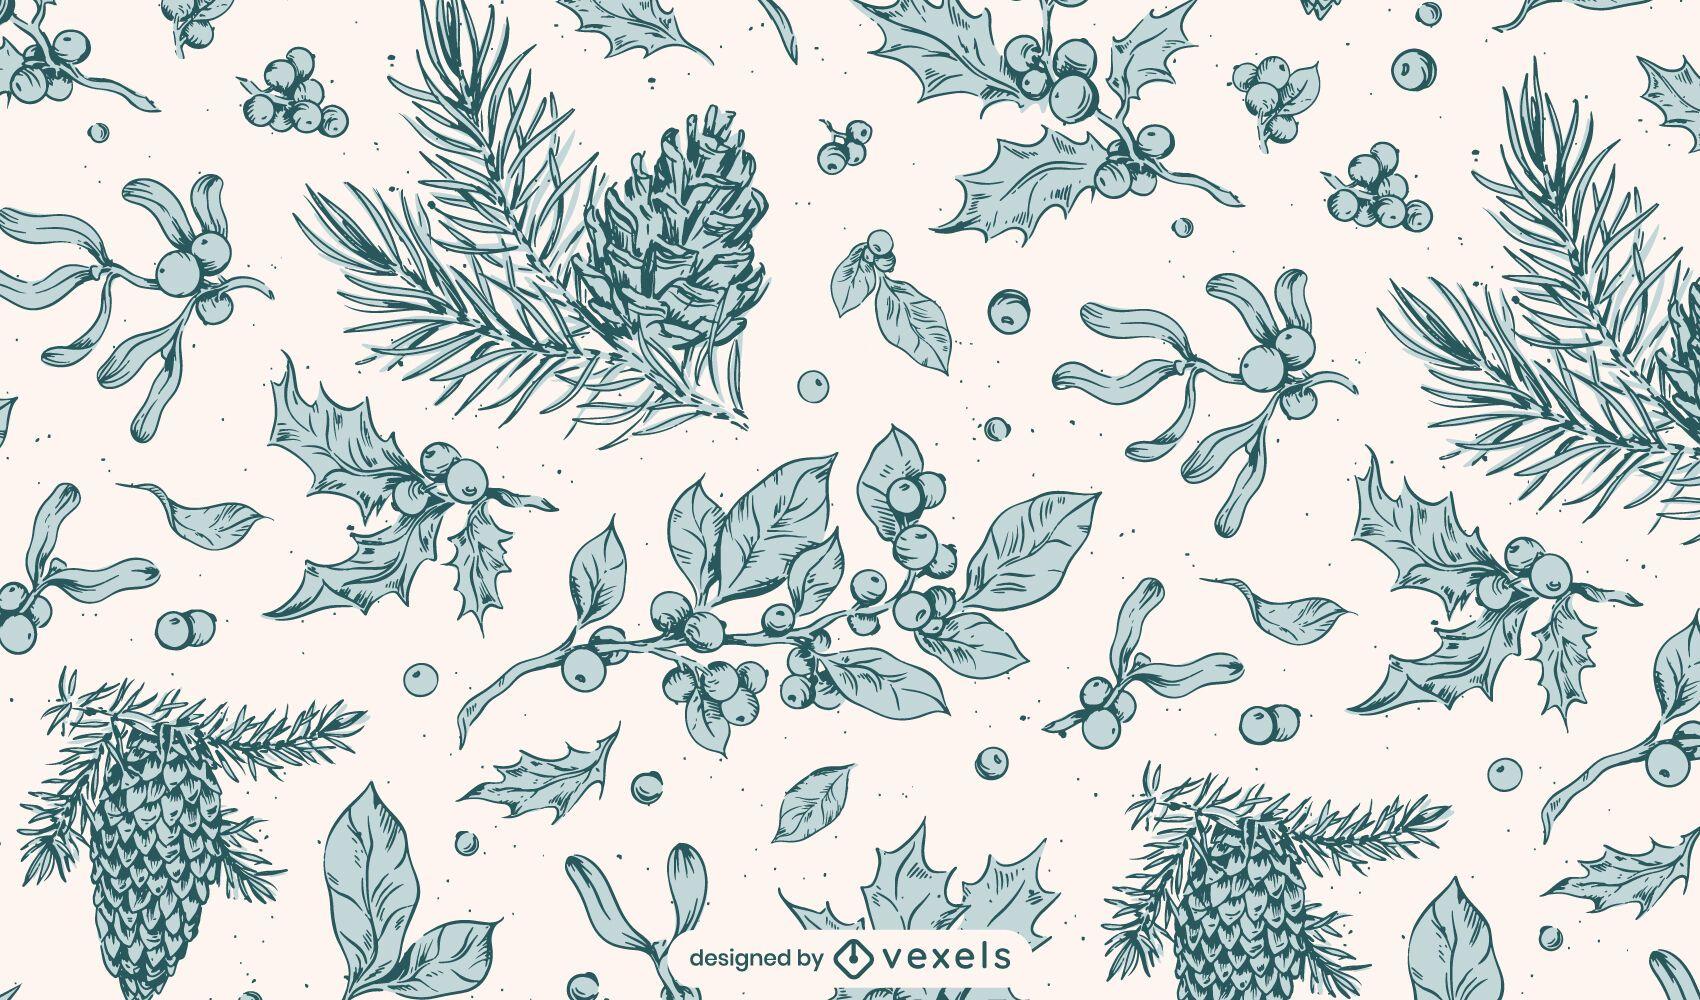 Botanical winter pattern design